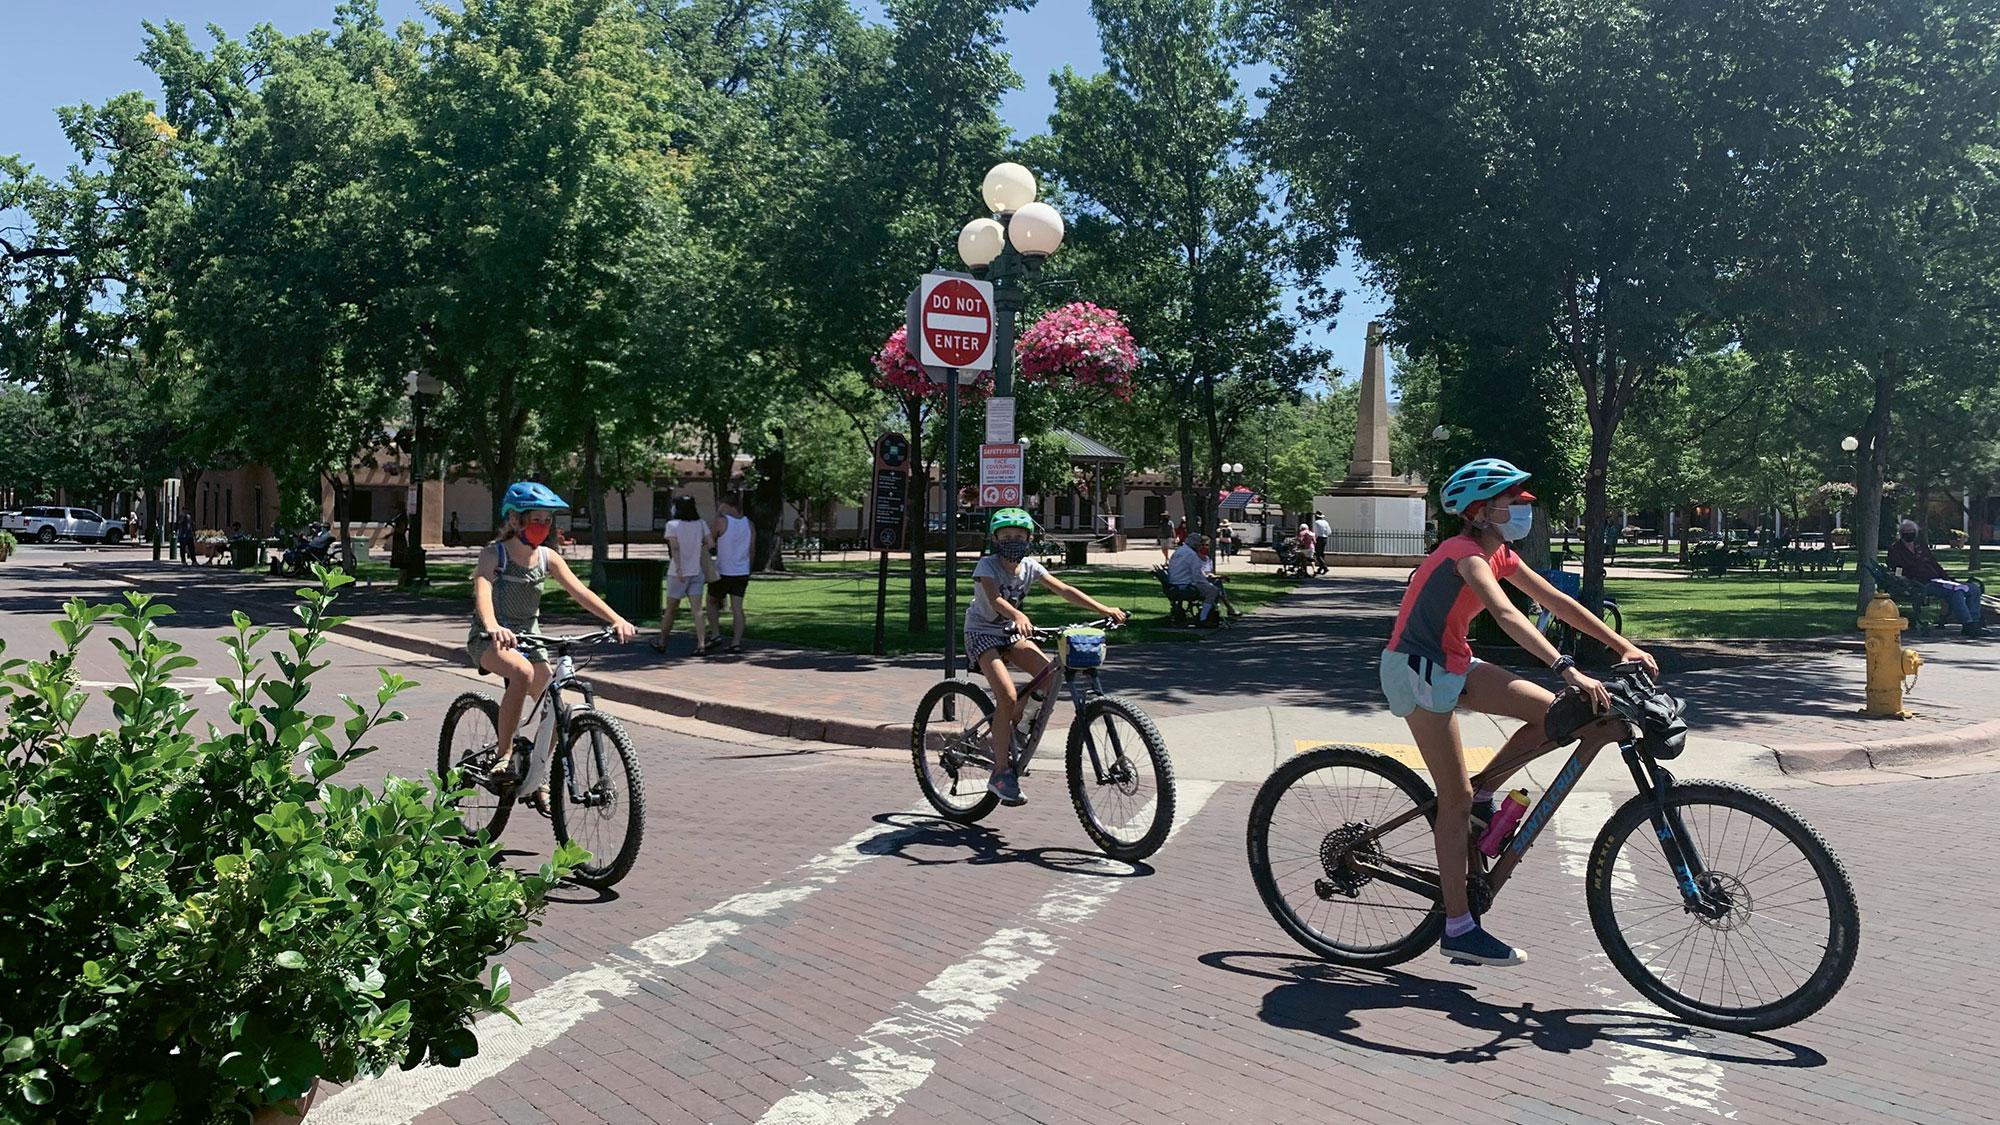 Os ciclistas circulam uma praça em grande parte vazia em Santa Fe, que normalmente está cheia de turistas no verão.